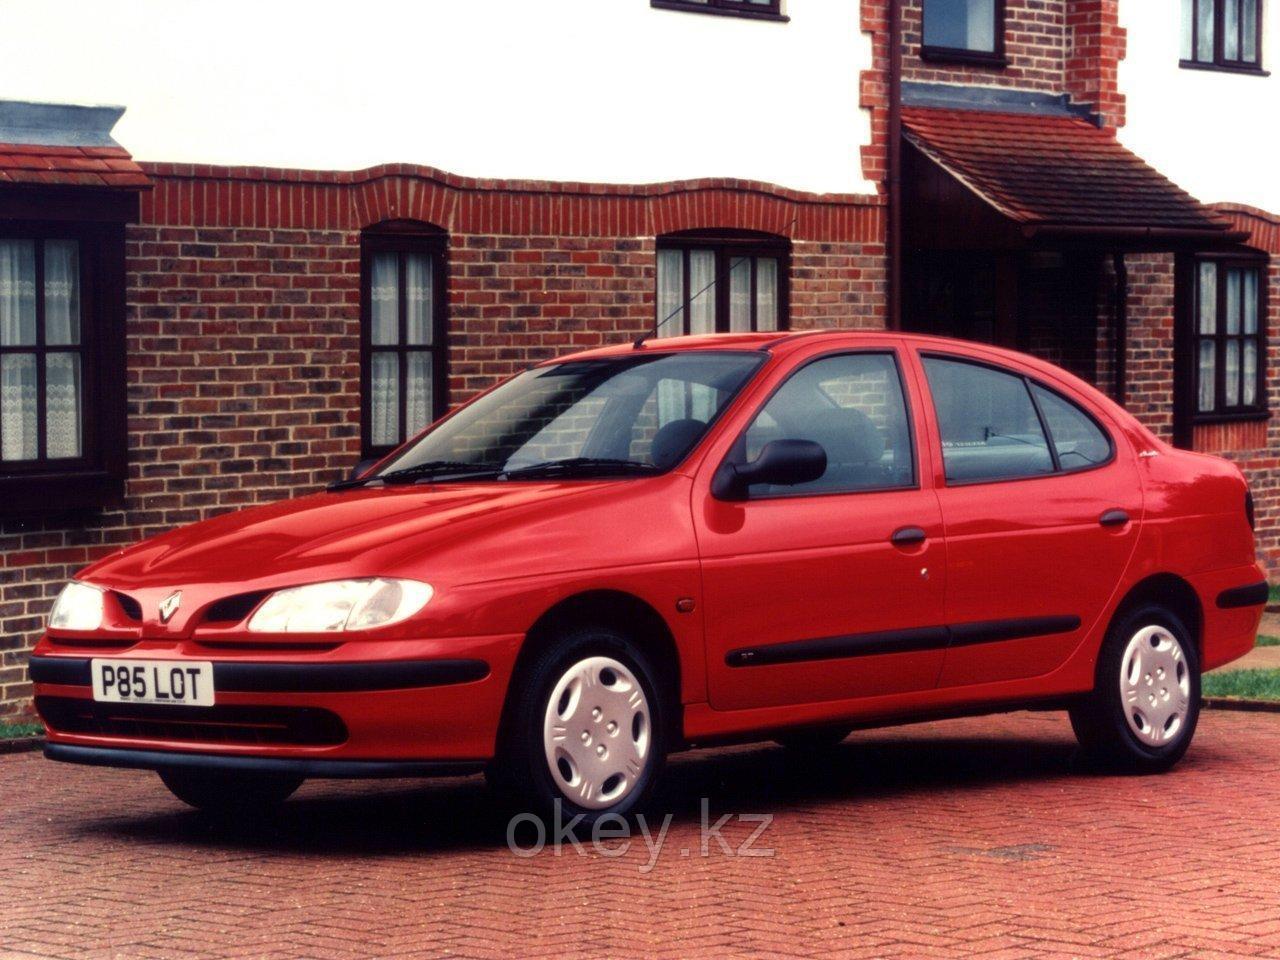 Тормозные колодки Kötl 400KT для Renault Megane I седан (LA0/1_) 1.9 TDi, 1996-2003 года выпуска.